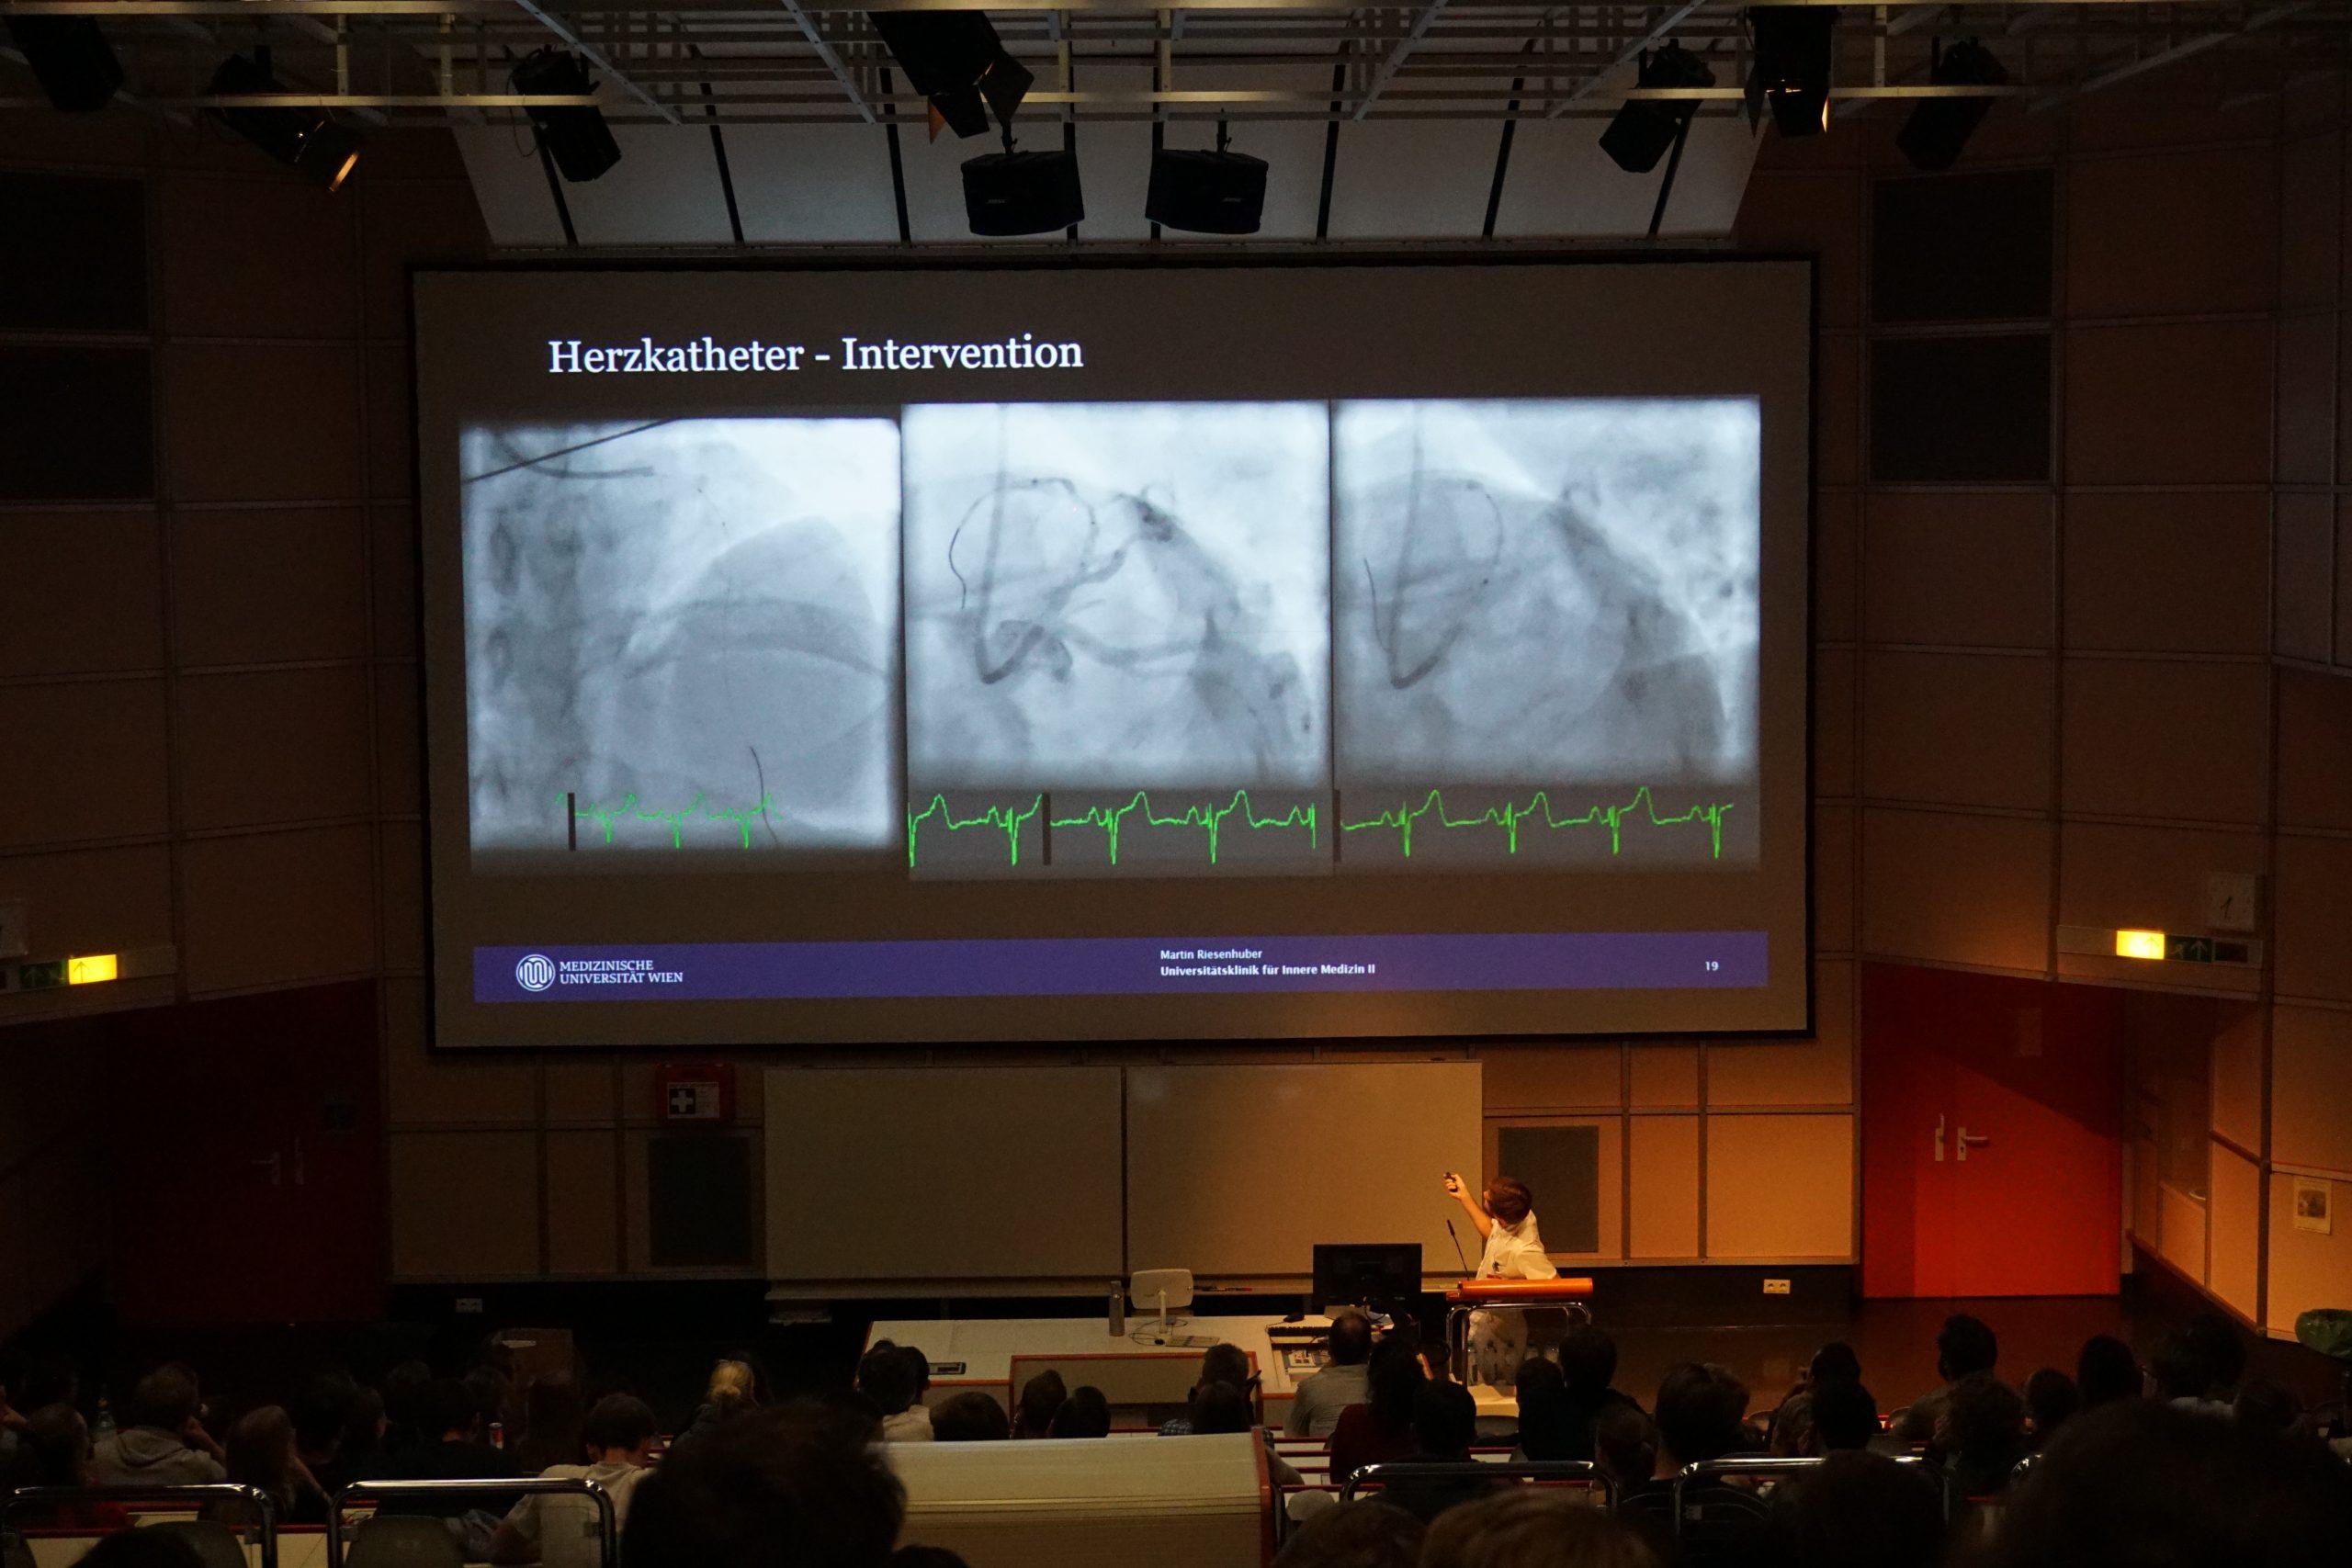 Foto des Hörsaals mit Herzkatheter-Beispielslide